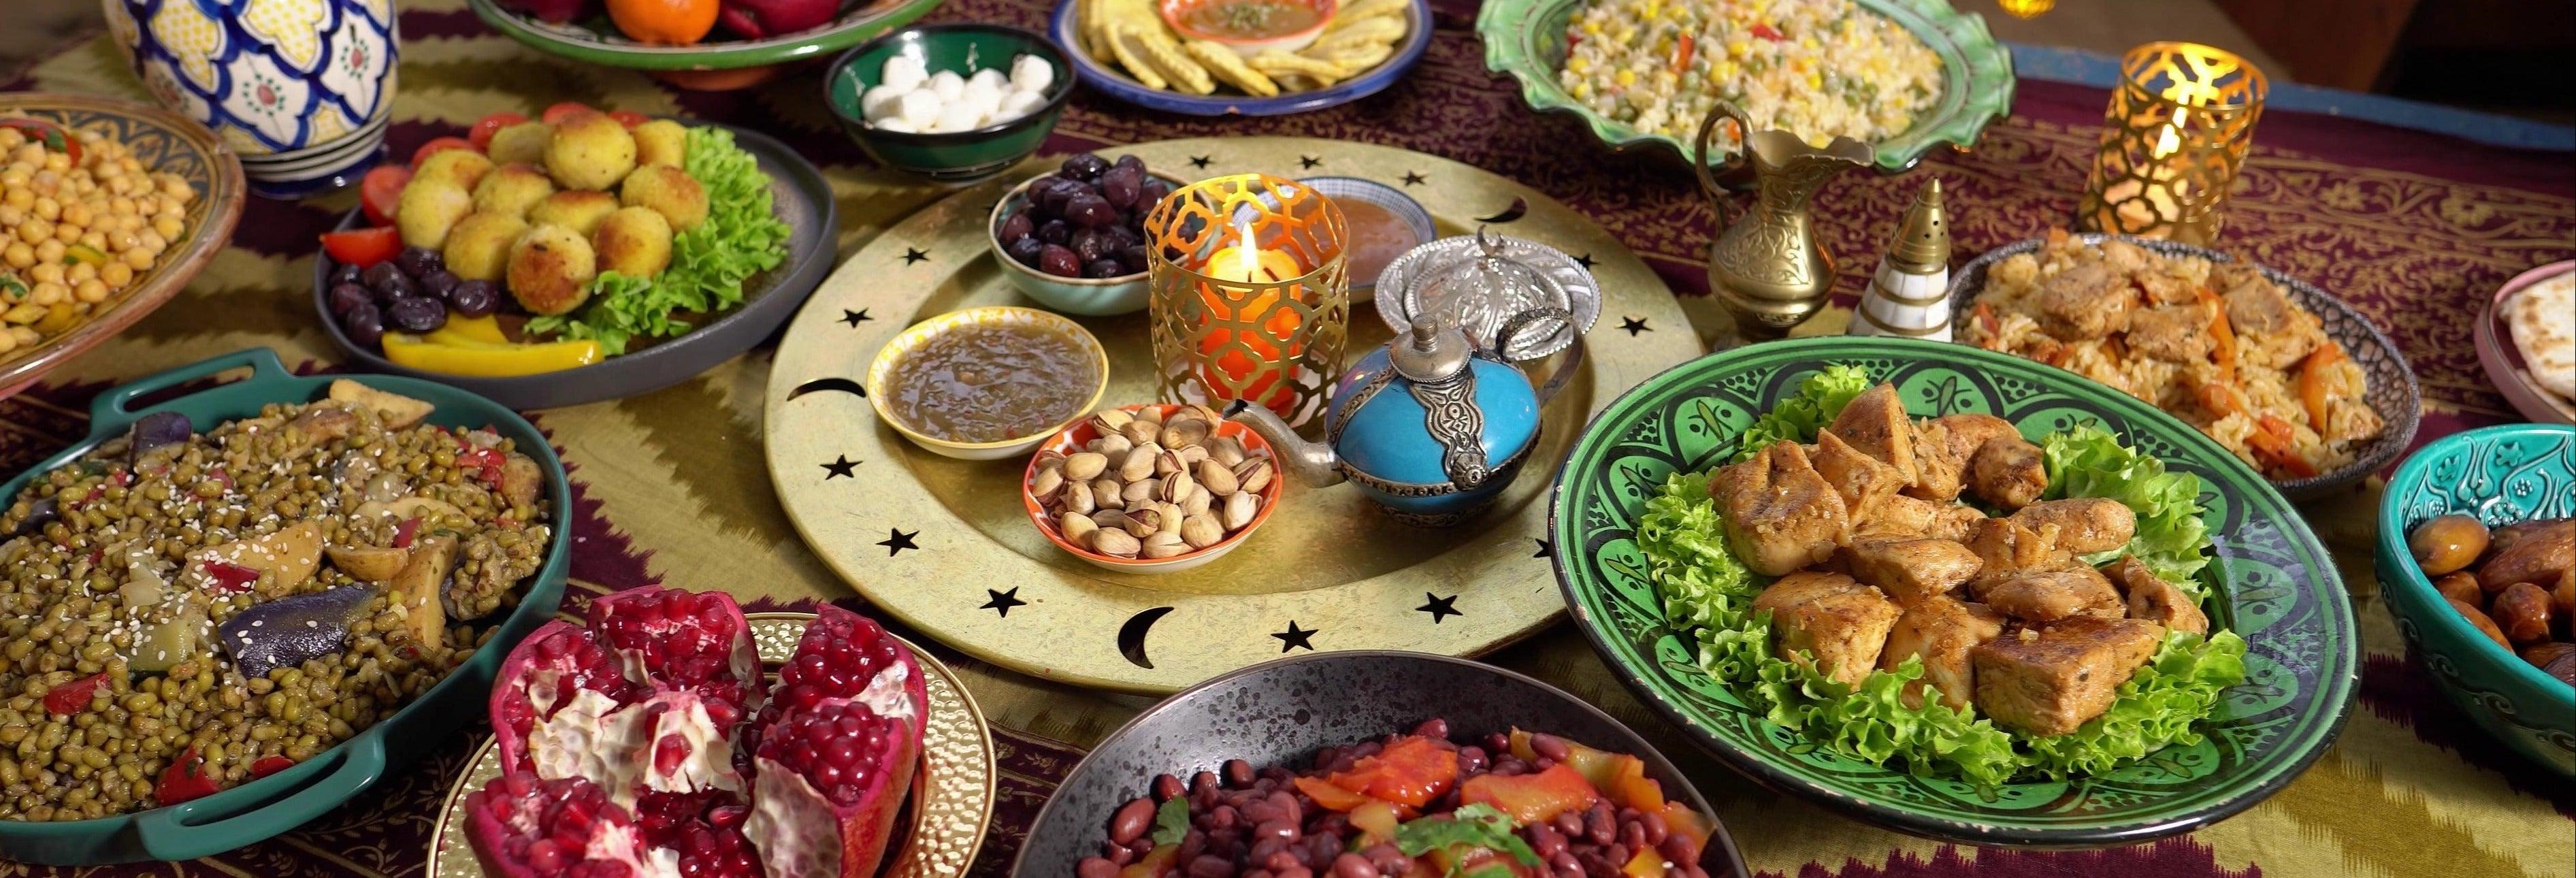 Visite gastronomique à Rabat